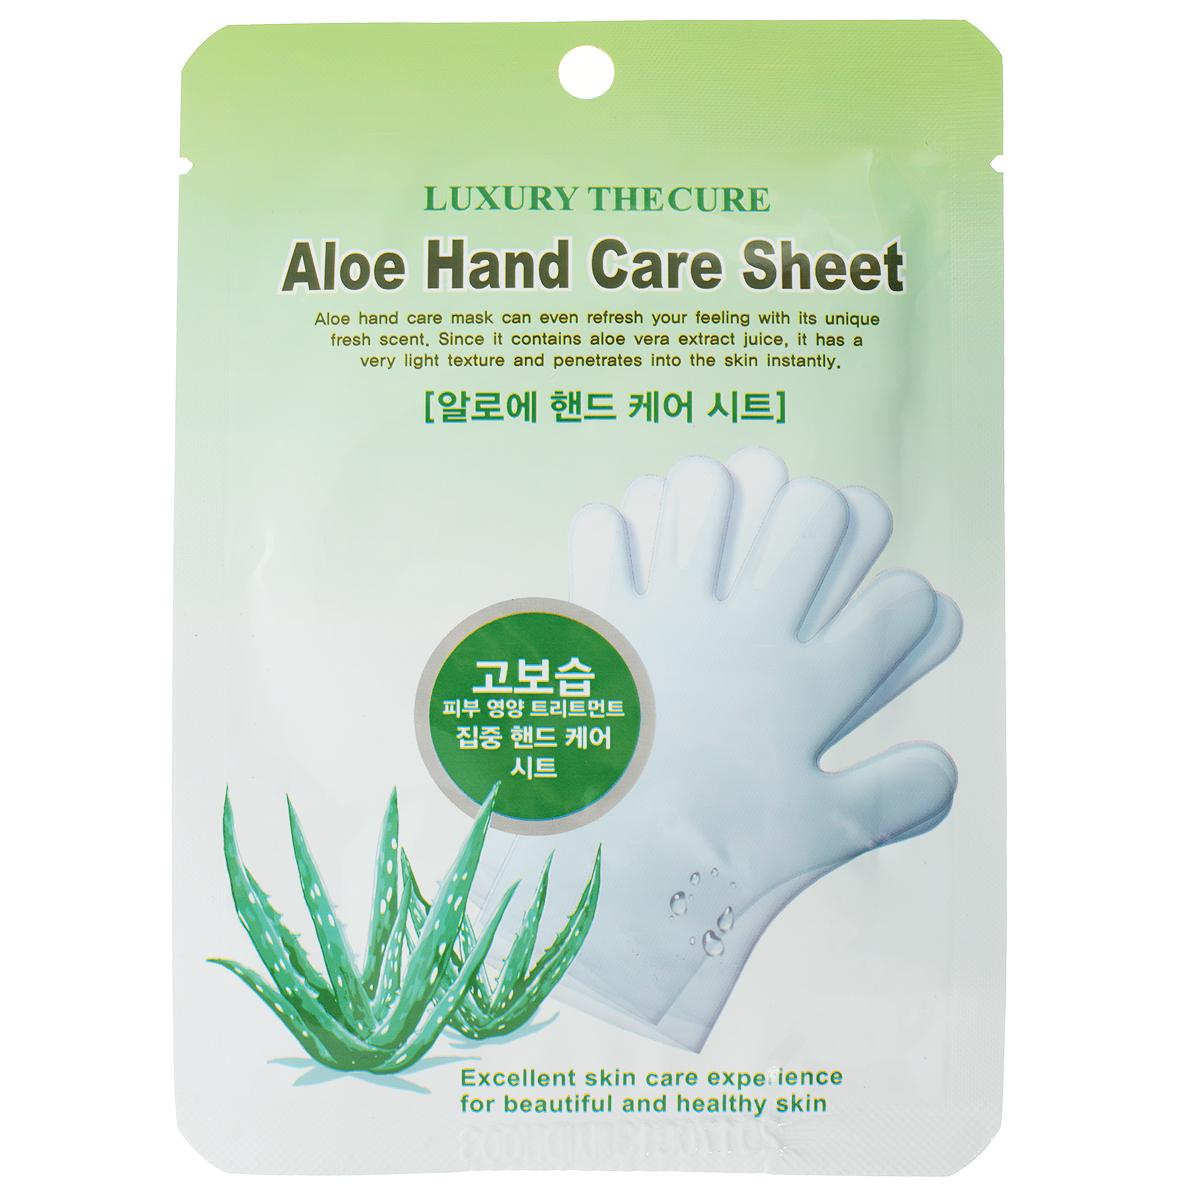 LS Cosmetic Маска-перчатки для рук с Алоэ, 8г х 2 шт1494Высококонцентрированная маска-перчатка для рук с Алоэ глубоко увлажняет и питает кожу рук, обладает выраженным лечебным эффектом благодаря активности геля Алоэ, мяты перечной и лаванды, которые интенсивно ухаживают за руками, освежают и придают приятный аромат. Витамин В3 (ниацинамид), который обладает несколькими мощными эффектами - увеличение церамидов и свободных жирных кислот в коже – то есть восстанавливается нарушенная барьерная функция кожи и уменьшается потеря влаги. Таким образом ниацинамид предохраняет кожу от обезвоживания и стимулирует микроциркуляцию в дерме. Гель имеет очень нежную и мягкую структуру и действует мгновенно. За короткое время мощное воздействие придаст коже рук мягкость и шелковистость, повысится эластичность до глубоких слоев, укрепиться мембрана клеток, улучшится кровоток. Кожа рук омолаживается, регенерируется. Регулярное использование убирает морщины и препятствует возникновению новых. Отлично ухаживает за ногтями.